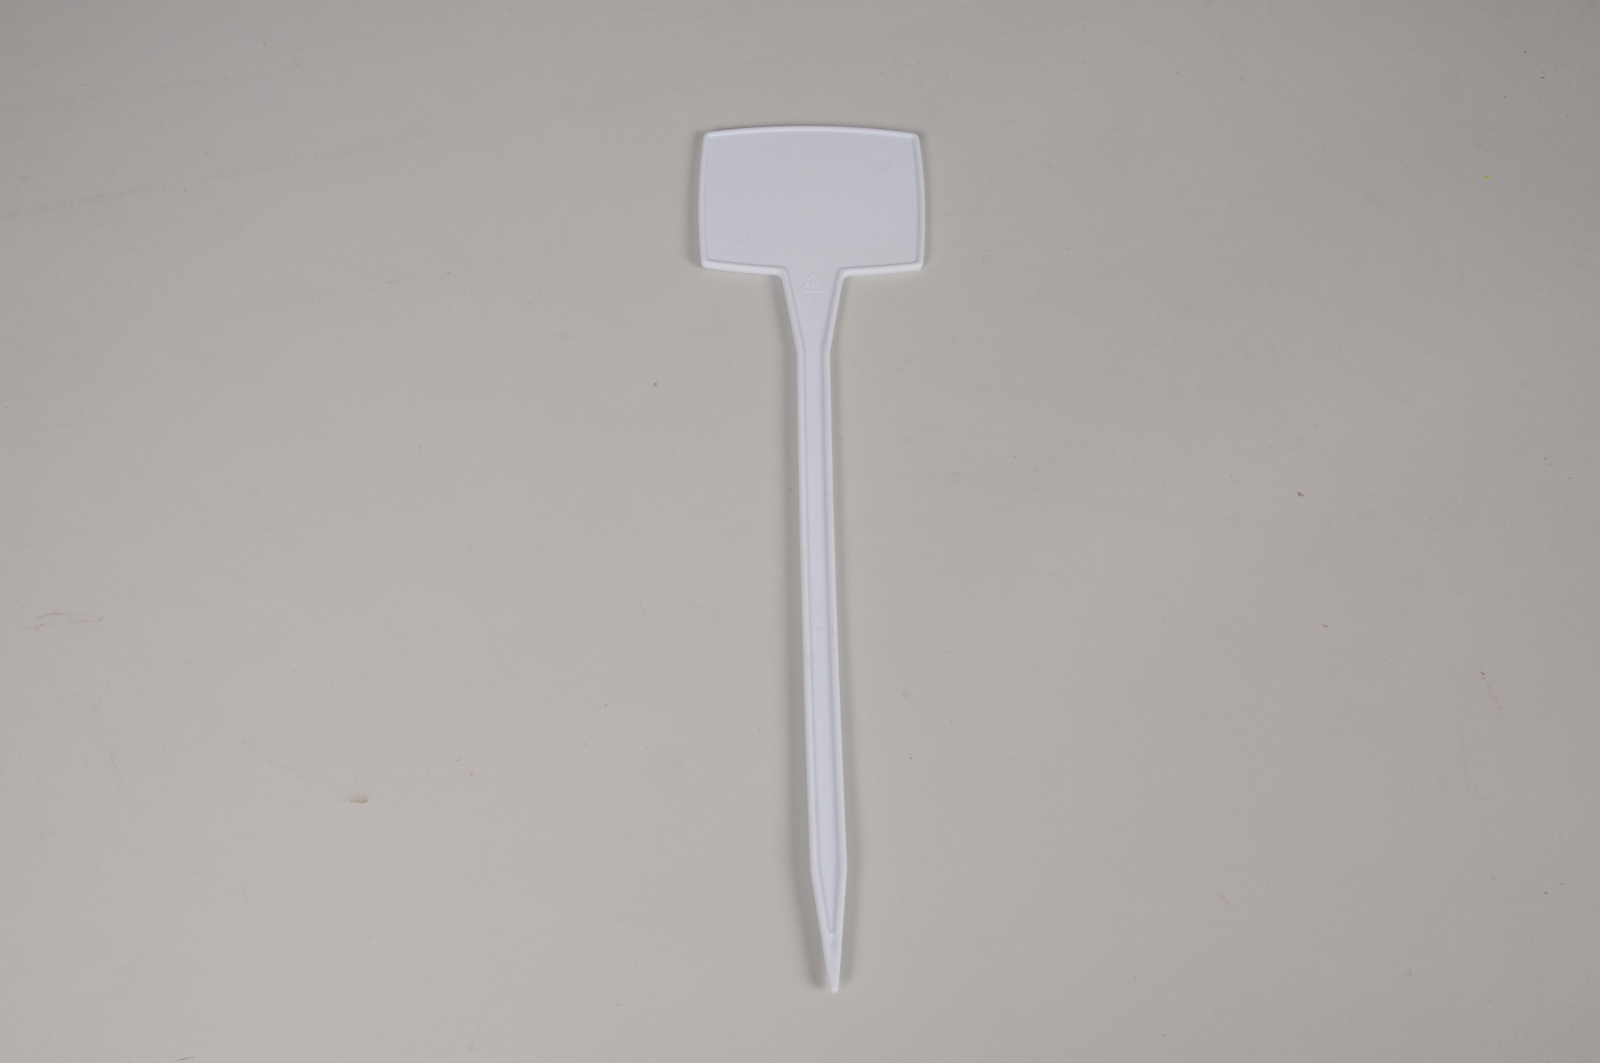 A449MG Paquet de 18 pics étiquettes blanches 8x6cm H29.5cm